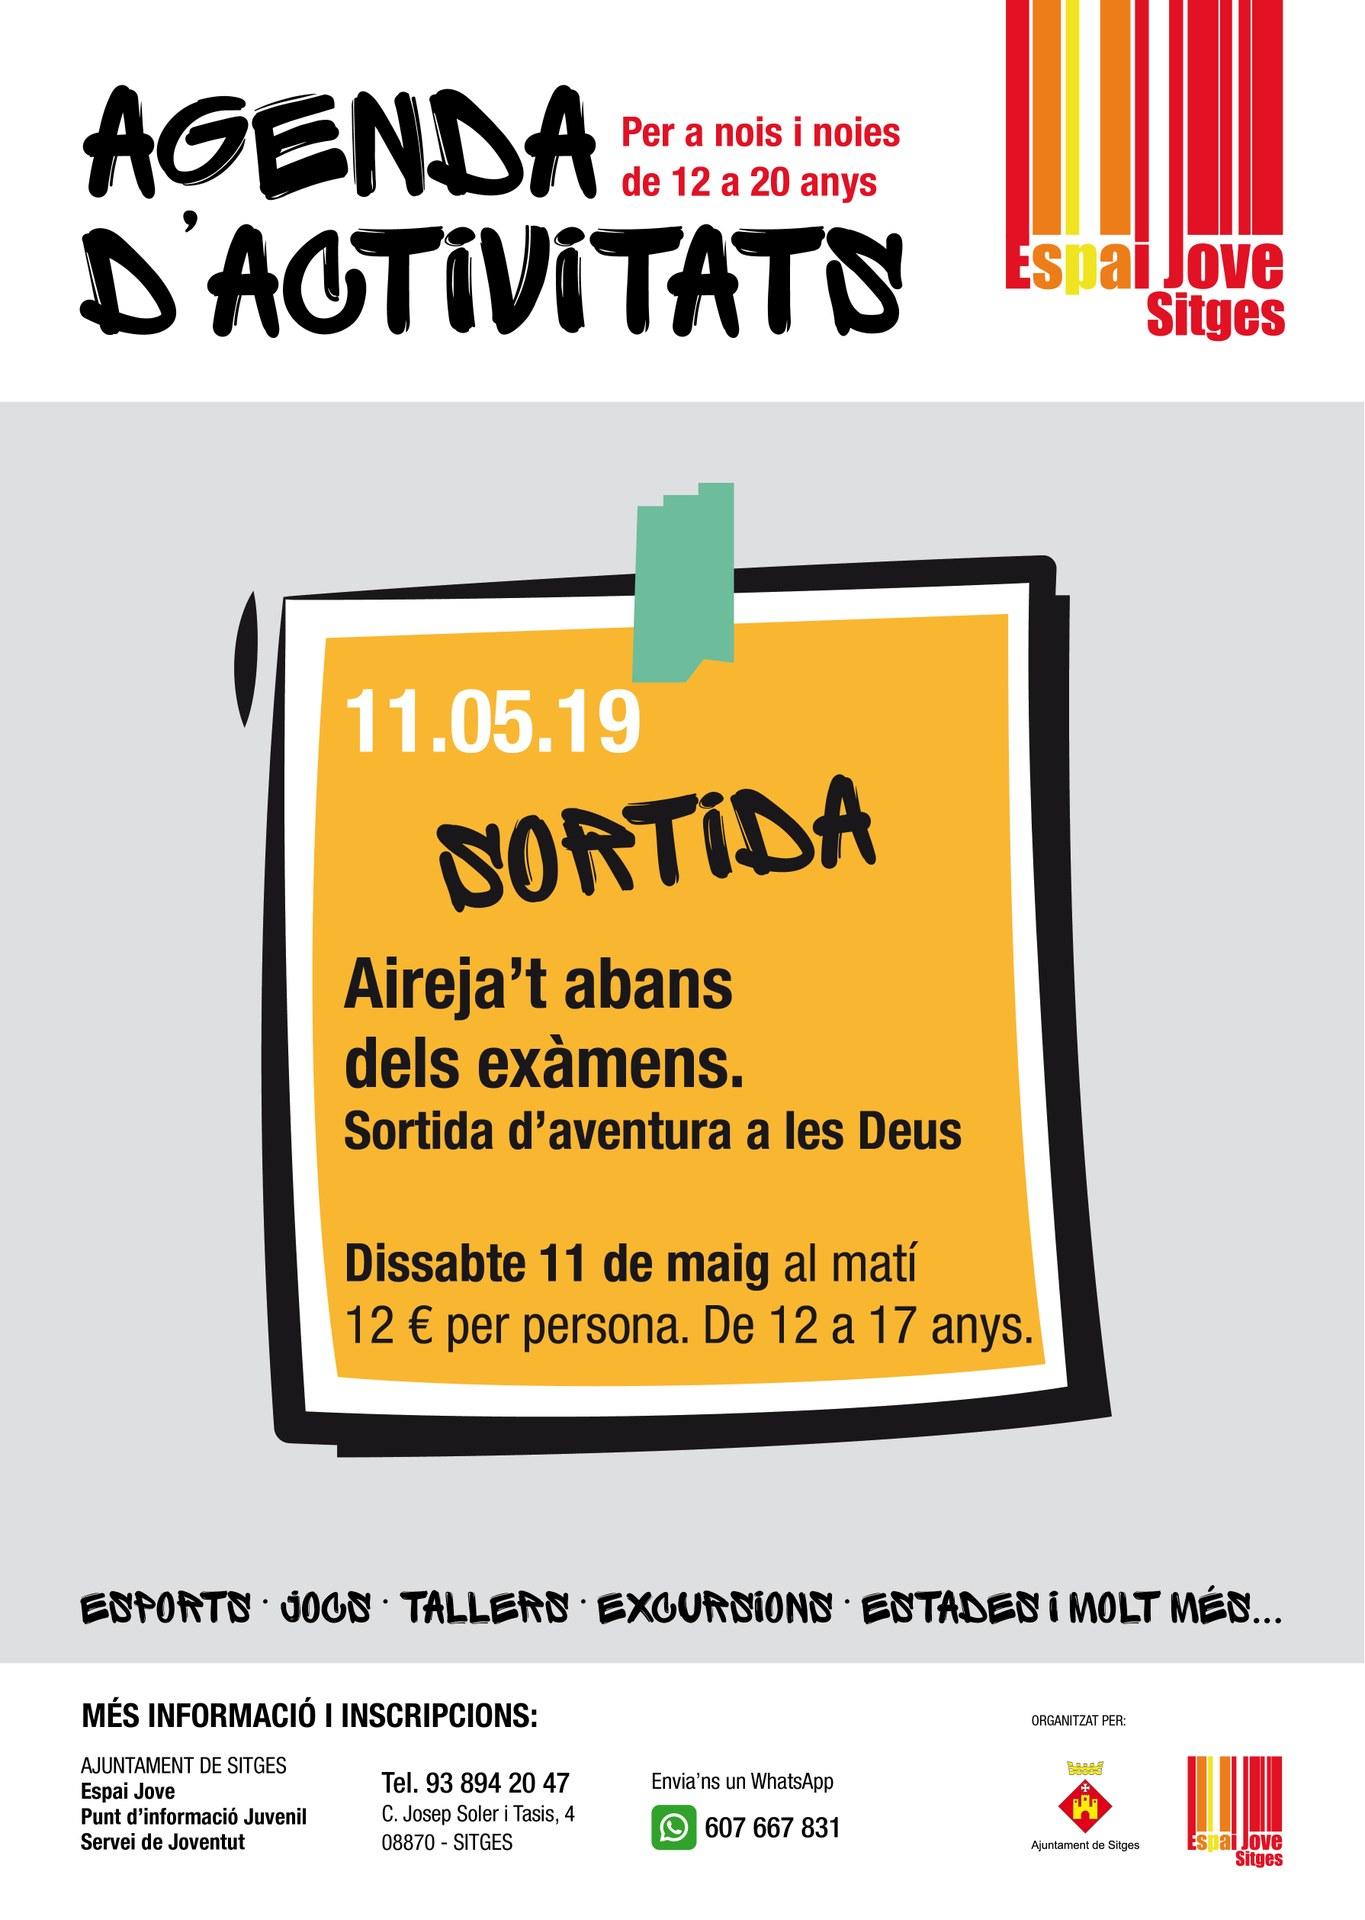 La regidoria de Joventut organitza per a l'11 de maig un excursió a Les Deus Aventura